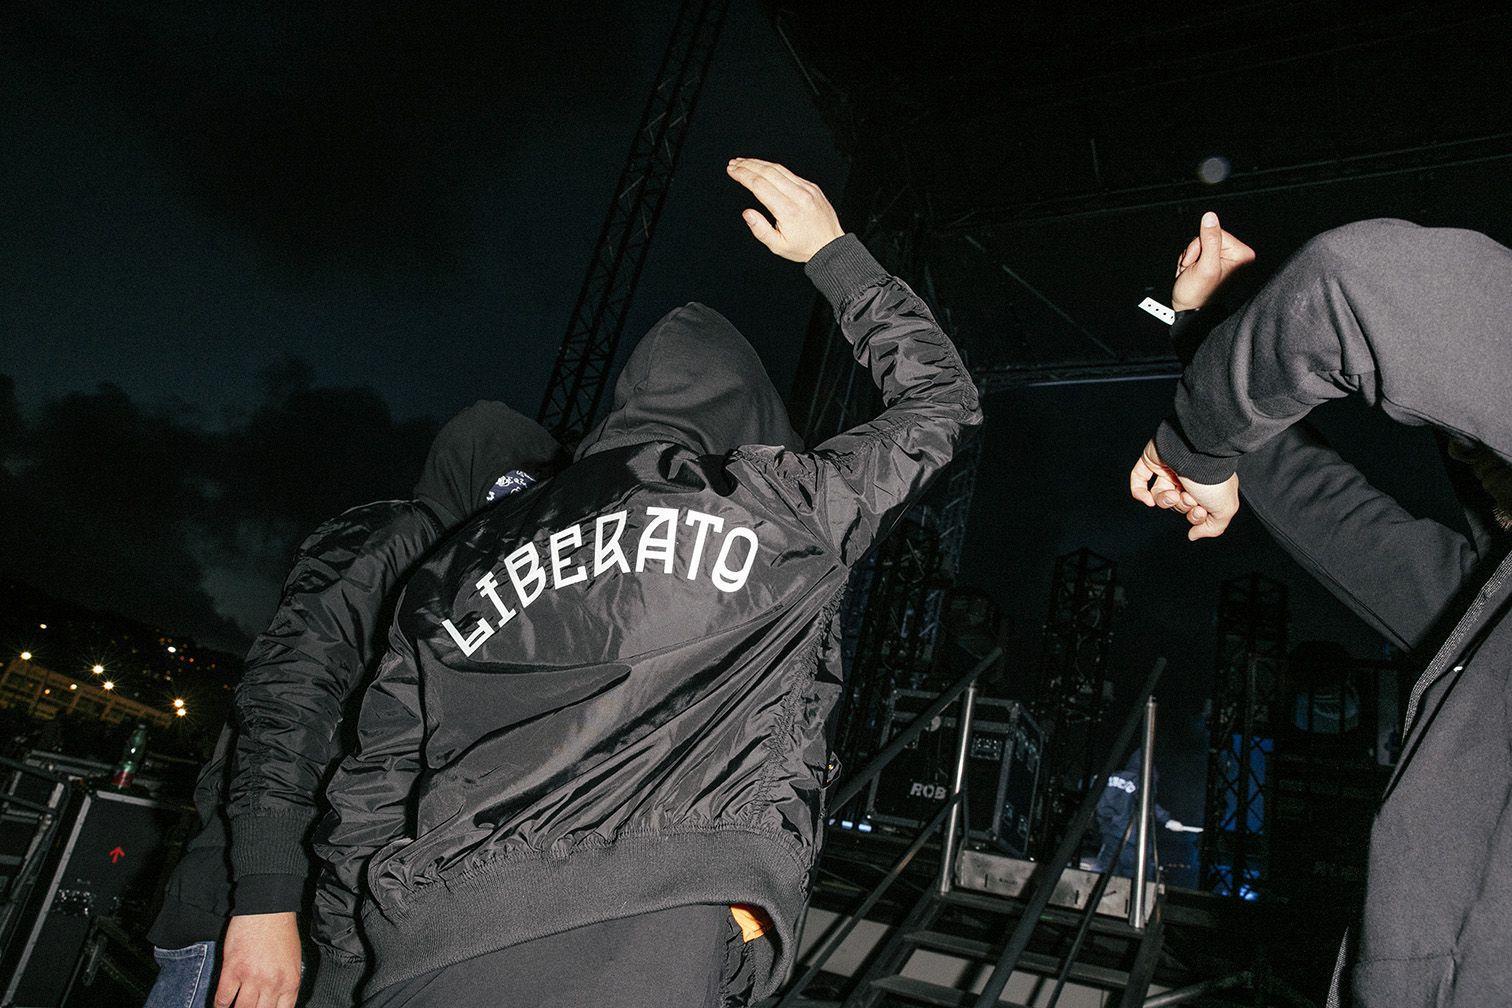 Ritorno di Liberato - Neomag.